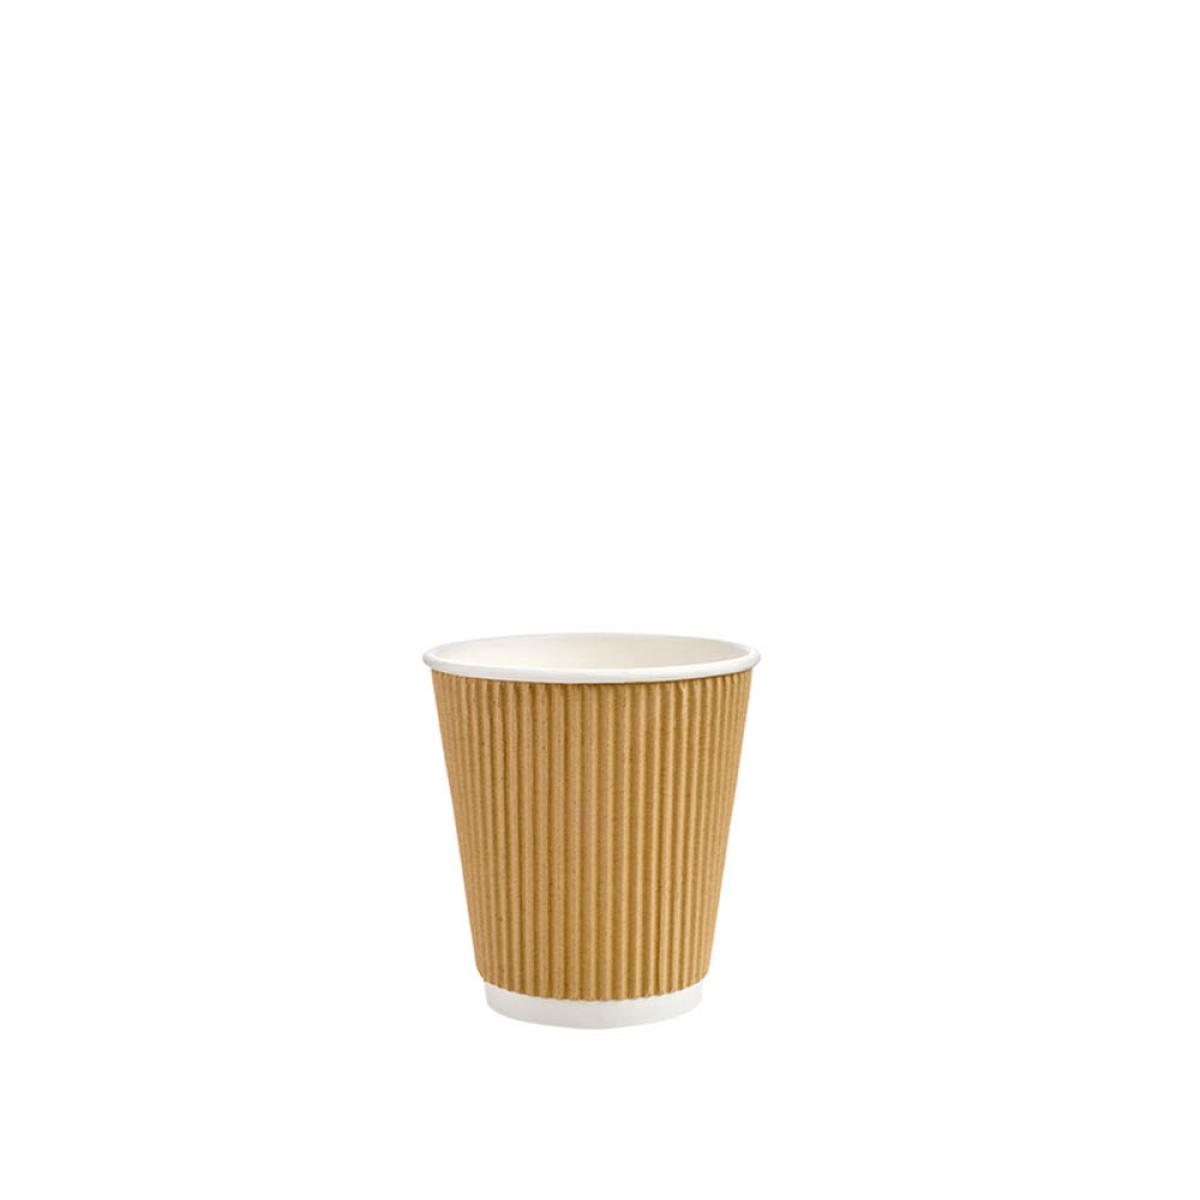 ripple cup 4 oz / 60*62